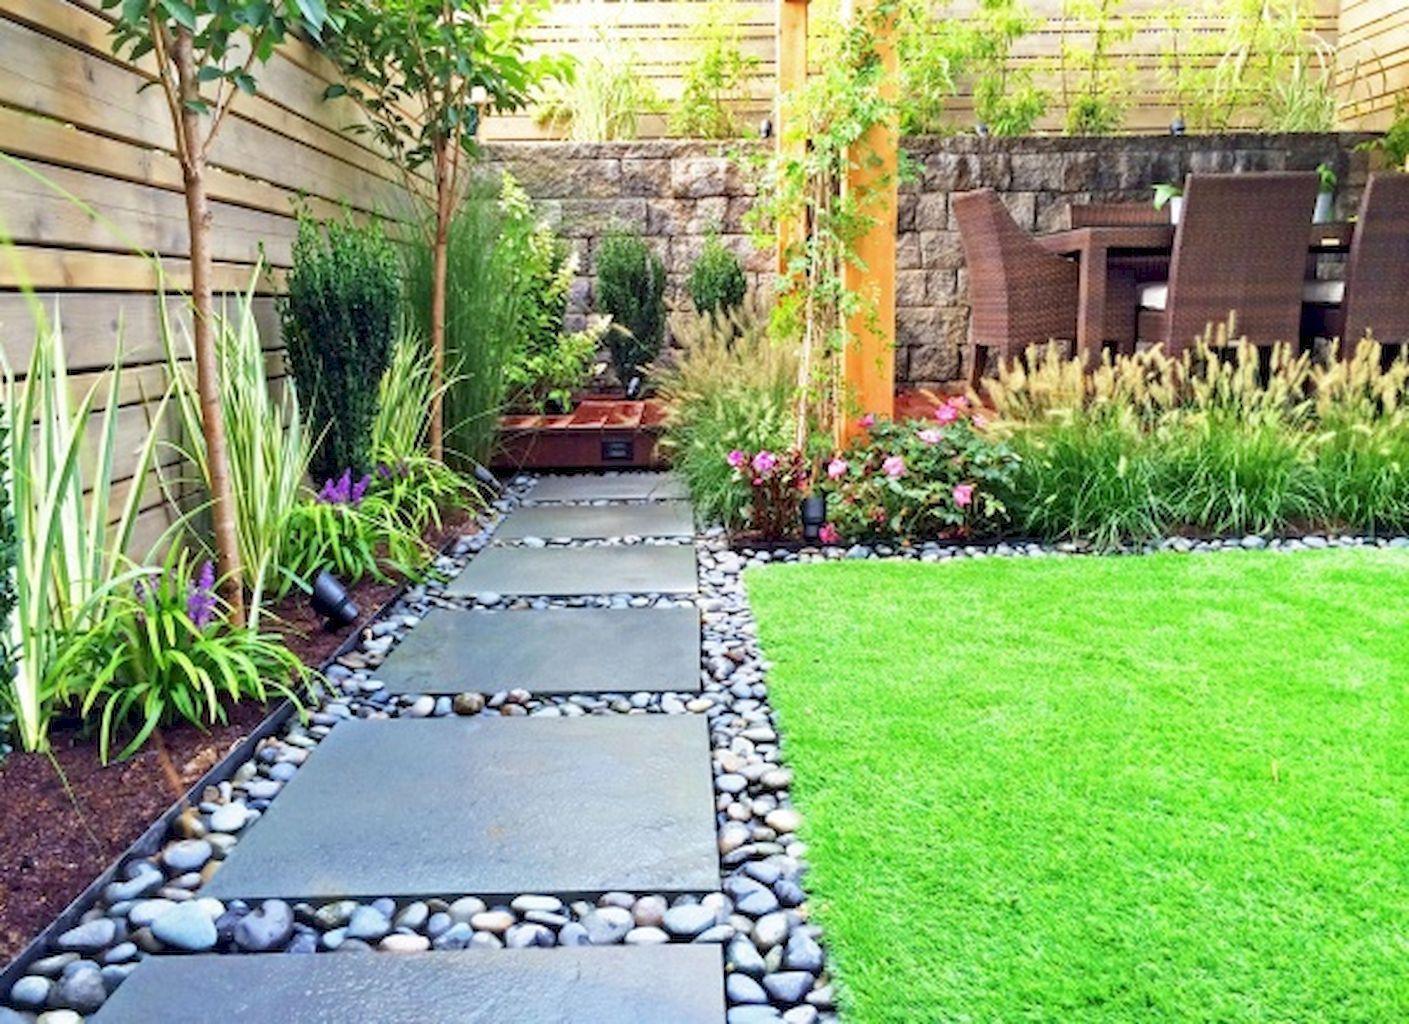 Beautiful Small Backyard Landscaping Ideas 17 Small Backyard Gardens Small Backyard Design Small Backyard Landscaping